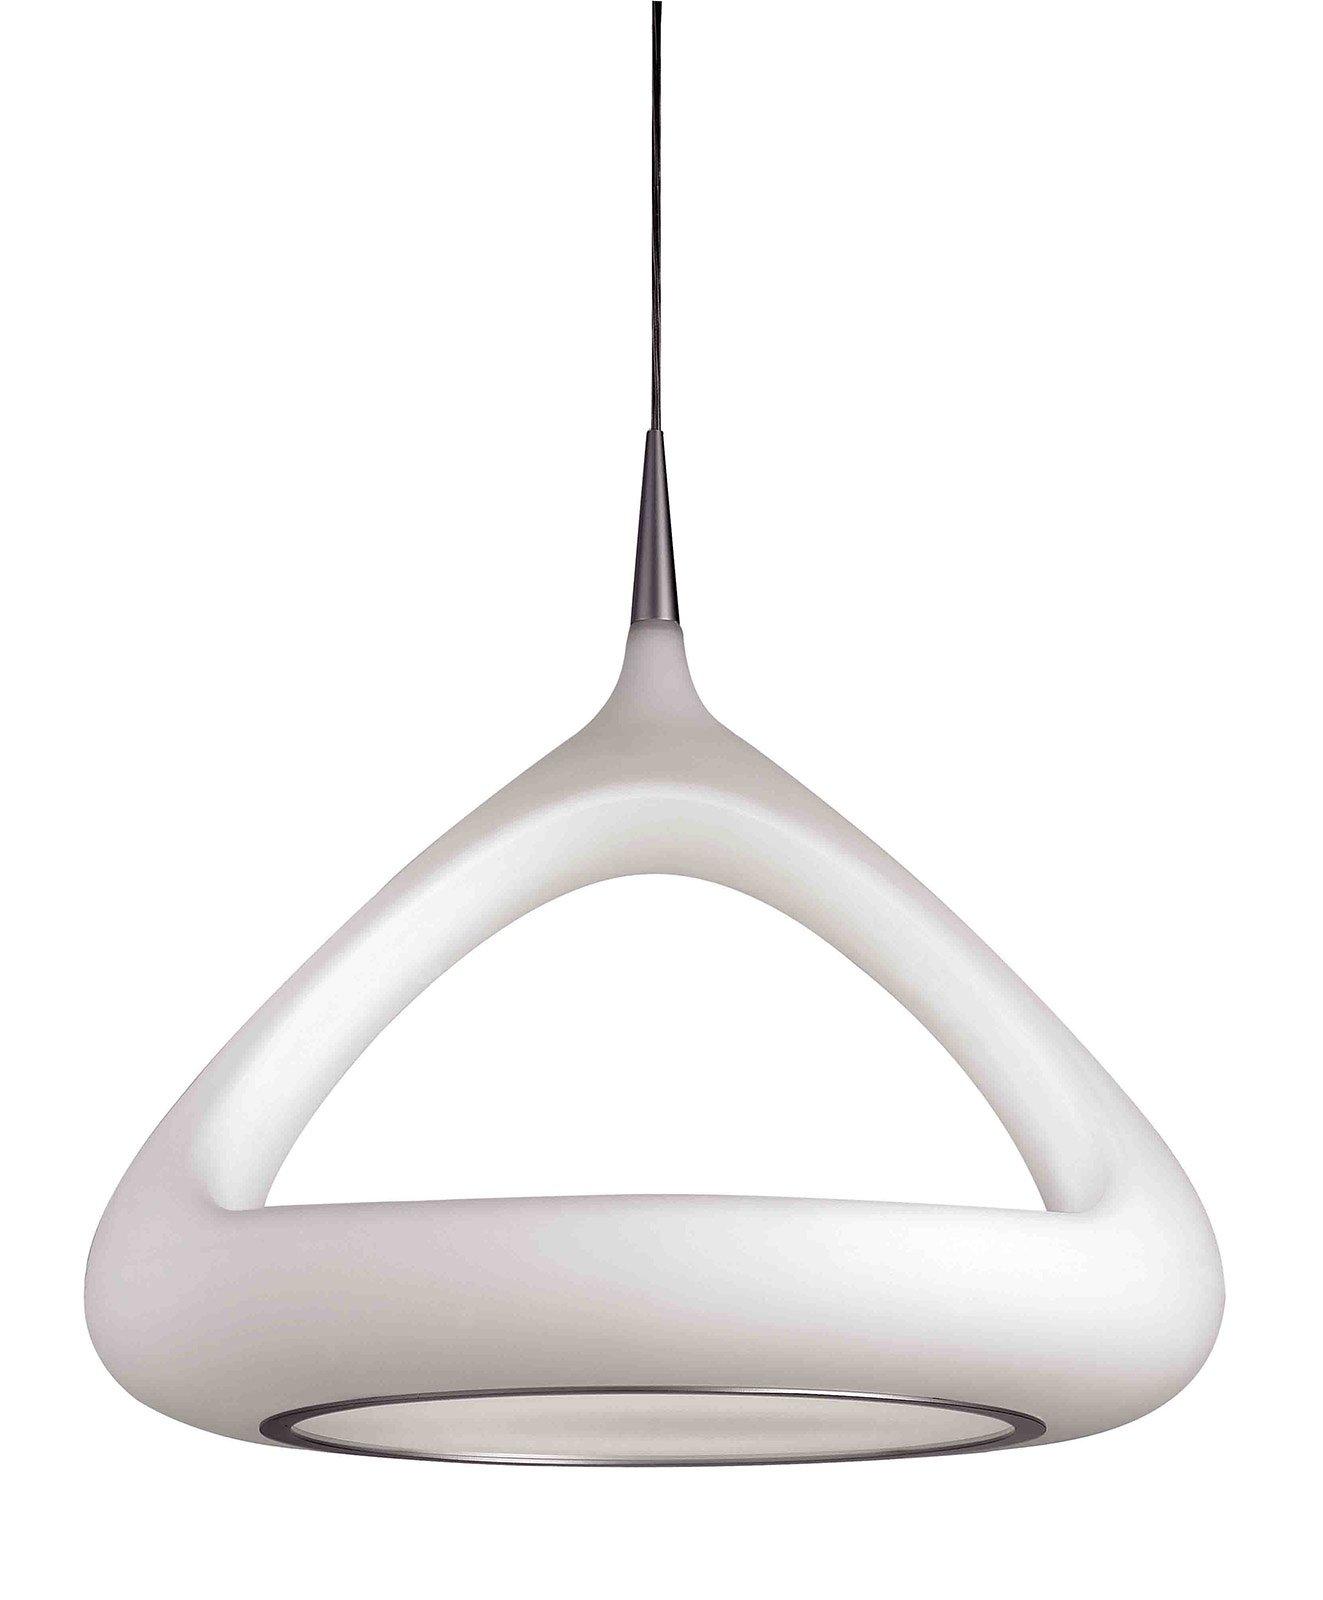 Lampade a sospensione anche low cost cose di casa - Lampade e lampadari ikea ...